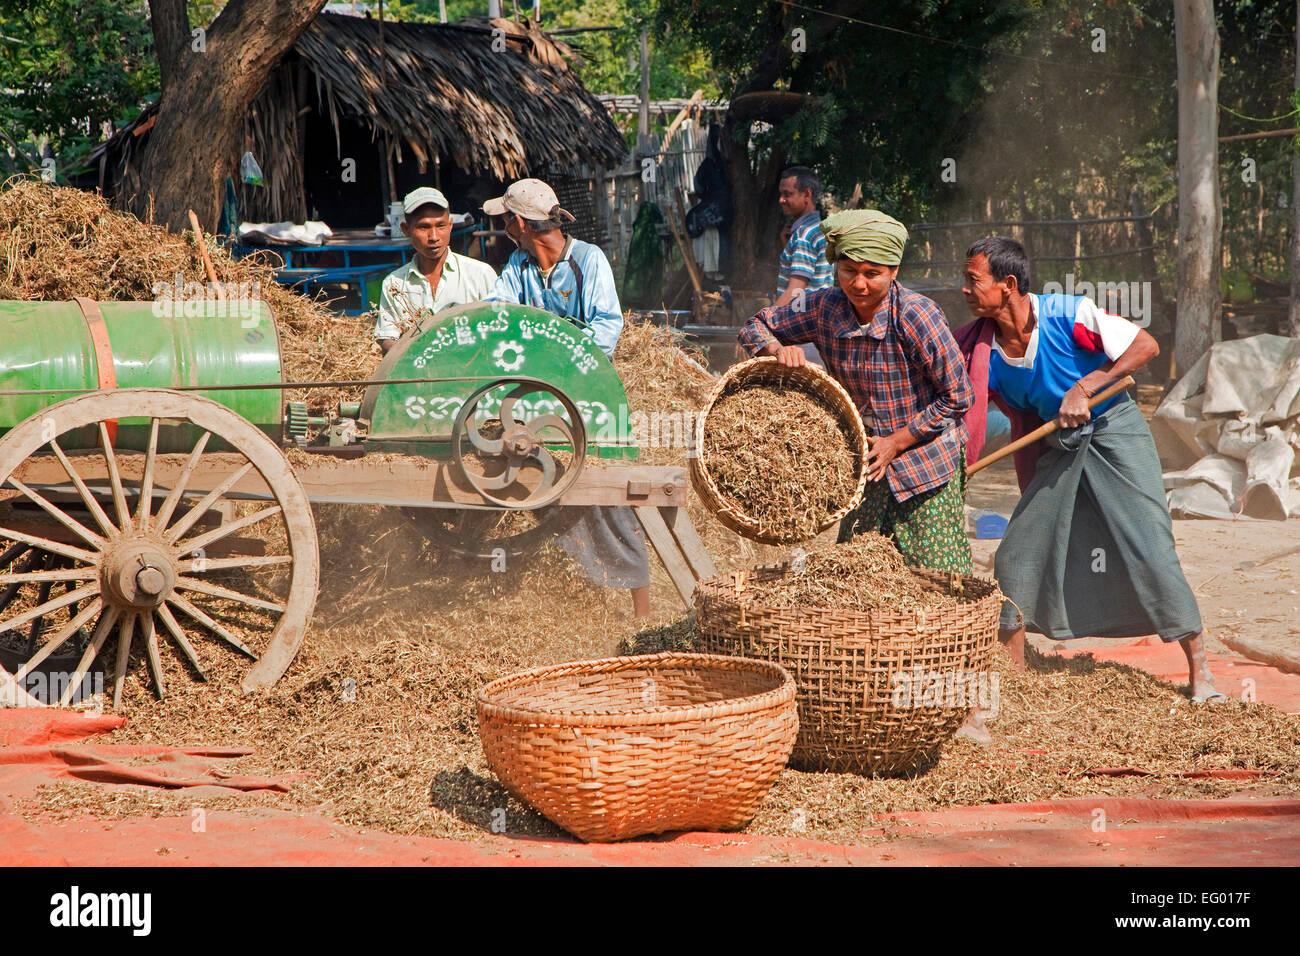 Manual labourers cutting rice harvest with thresher / threshing machine, Mandalay Region, Myanmar / Burma - Stock Image